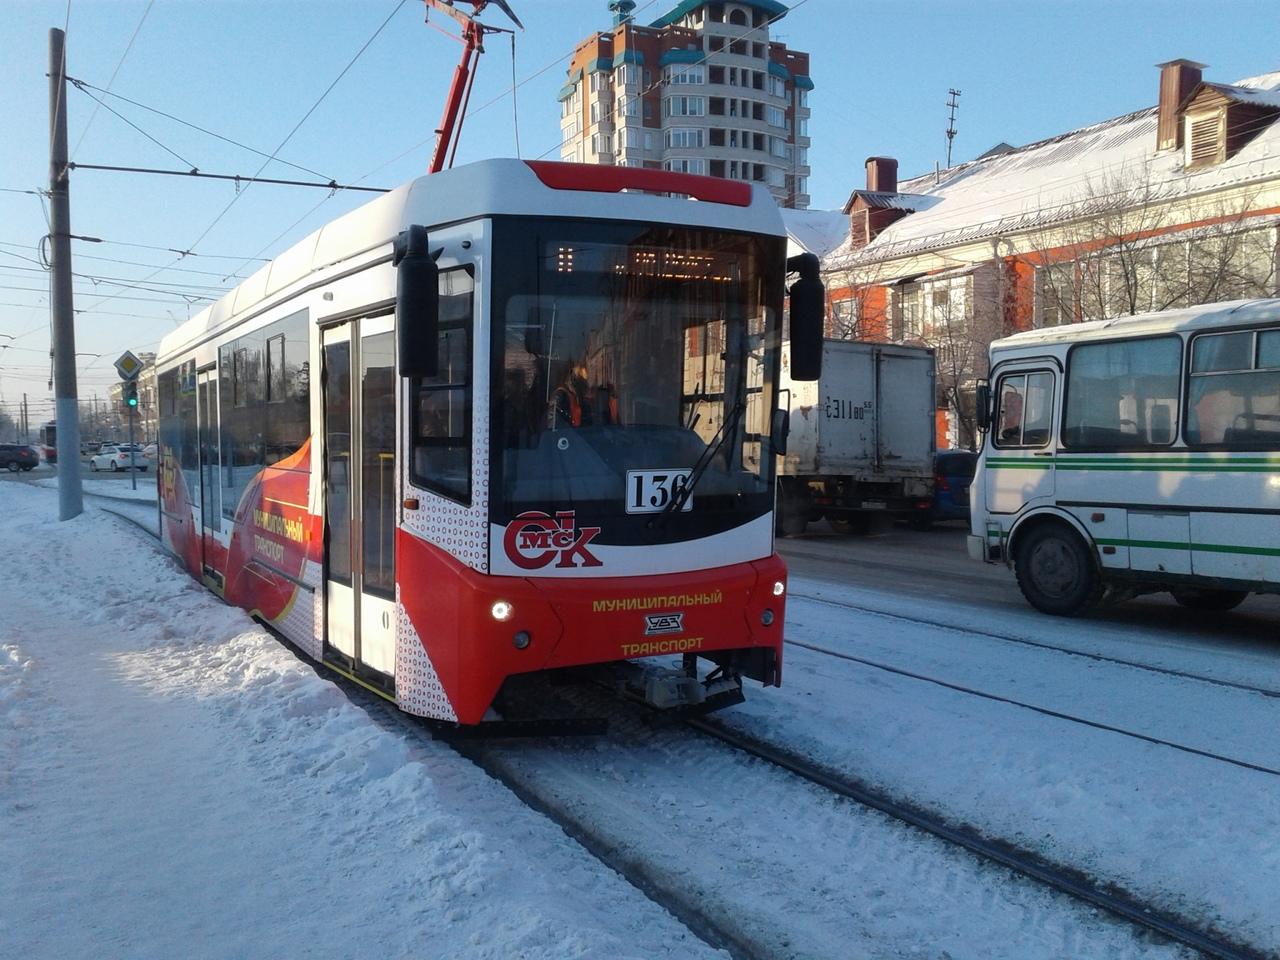 Хорошие, но ломаются: в трамвайном депо рассказали о новых «Спектрах» в Омске #Омск #Общество #Сегодня